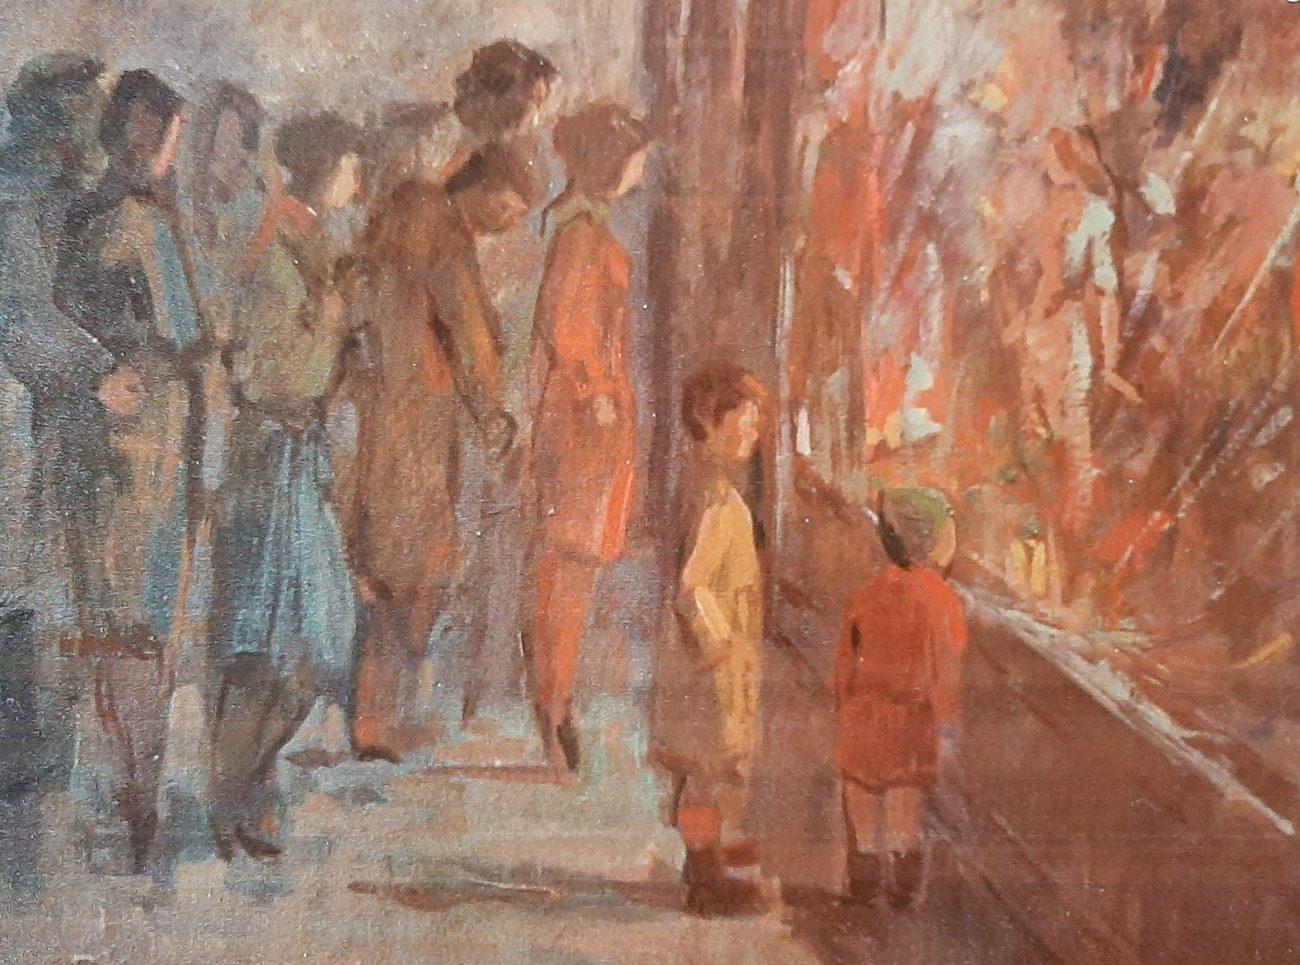 Juan Amo. (1961). Grandes Almacenes. Óleo - Tabla. Colección Privada.